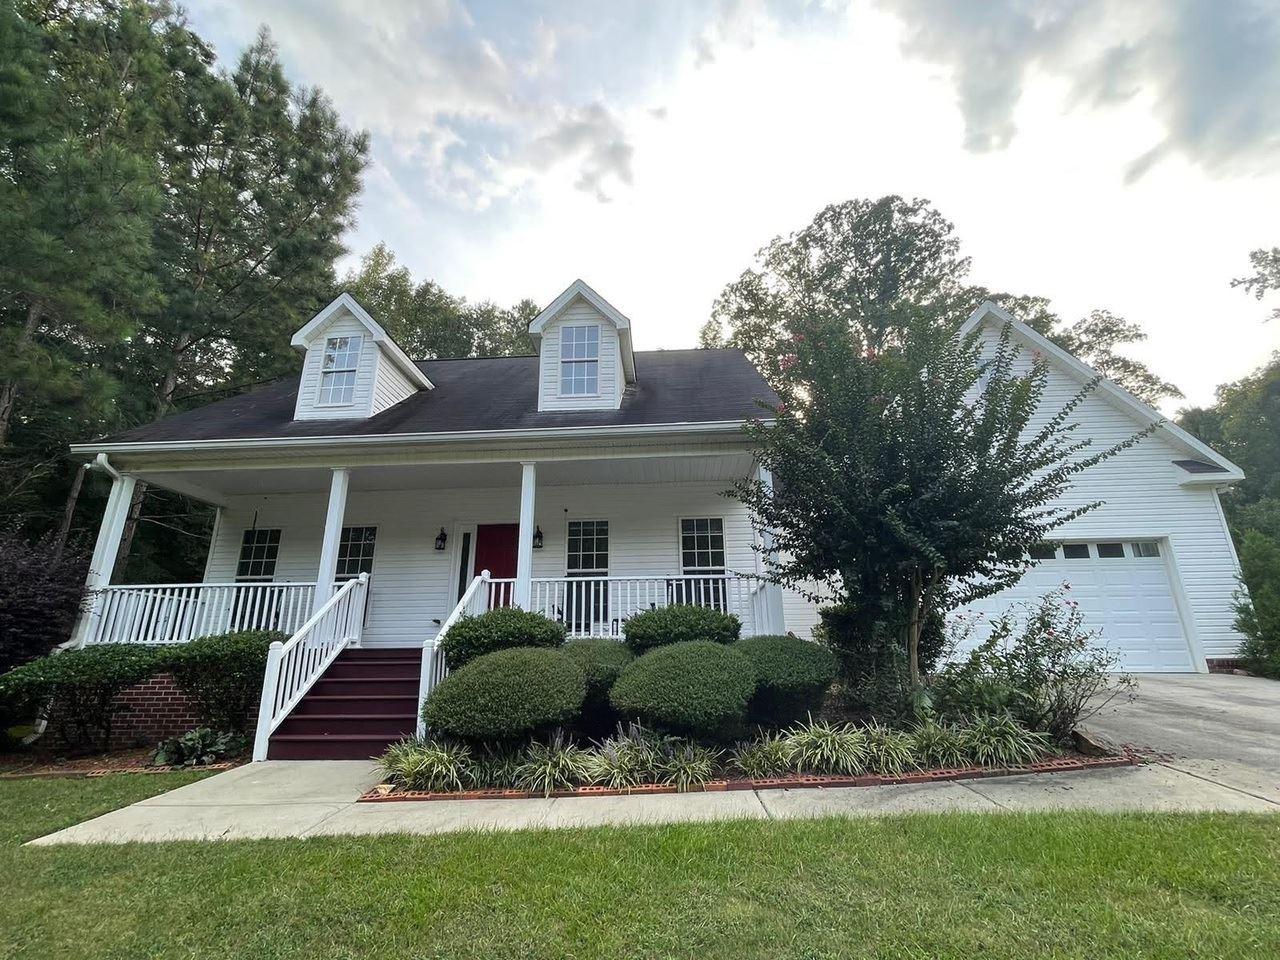 104 Fordham Court, Macon, GA 31220 - MLS#: 9051816